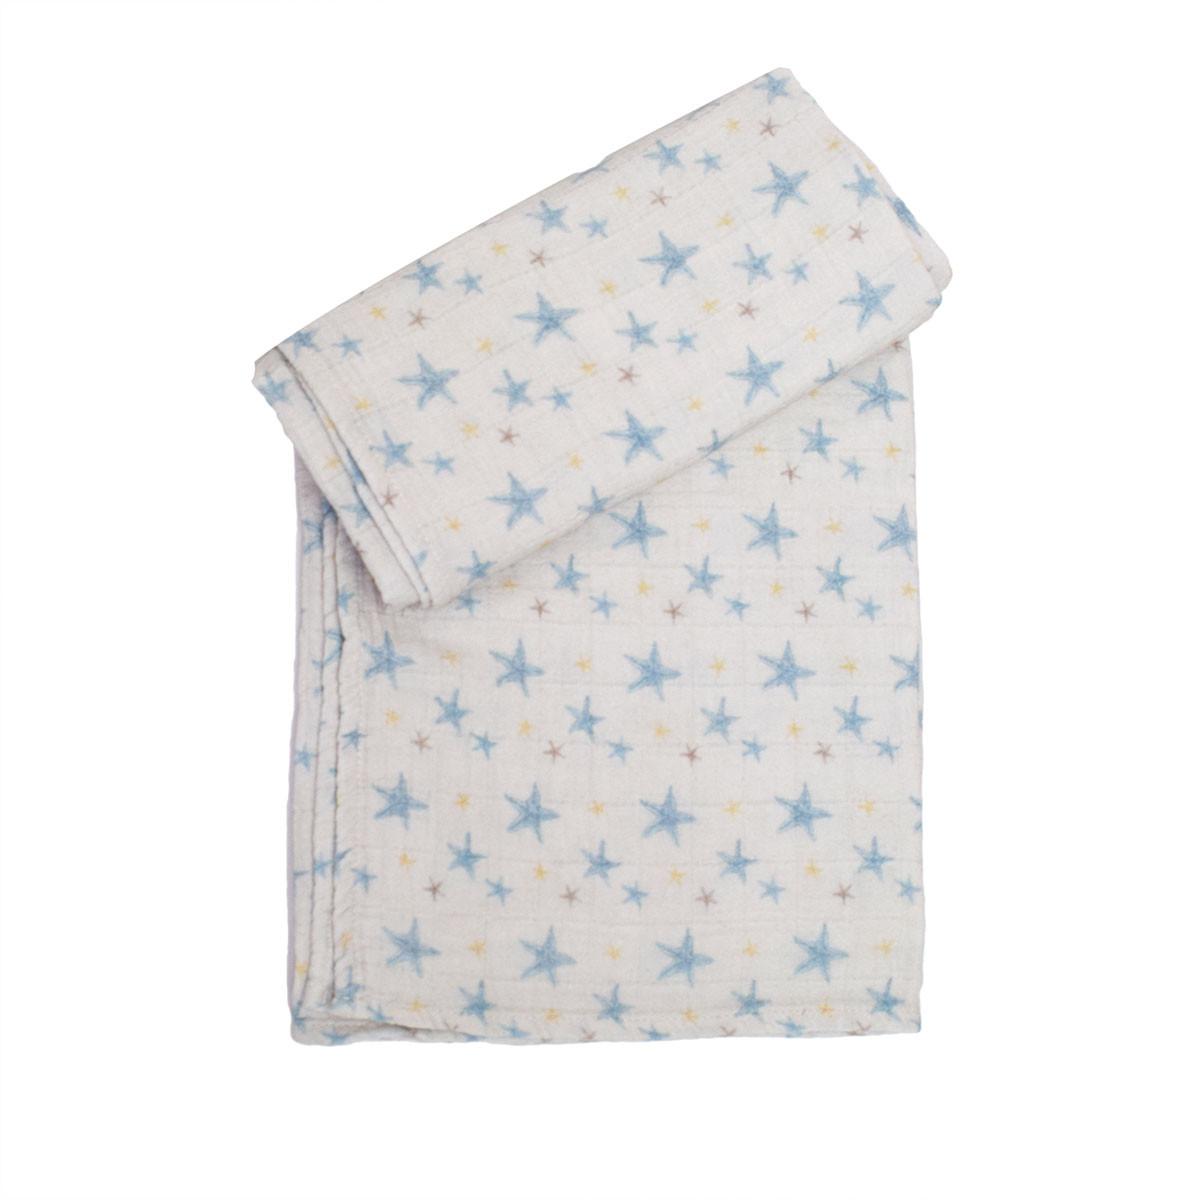 Κουβέρτα Μουσελίνα Αγκαλιάς Cigit Stars Blue